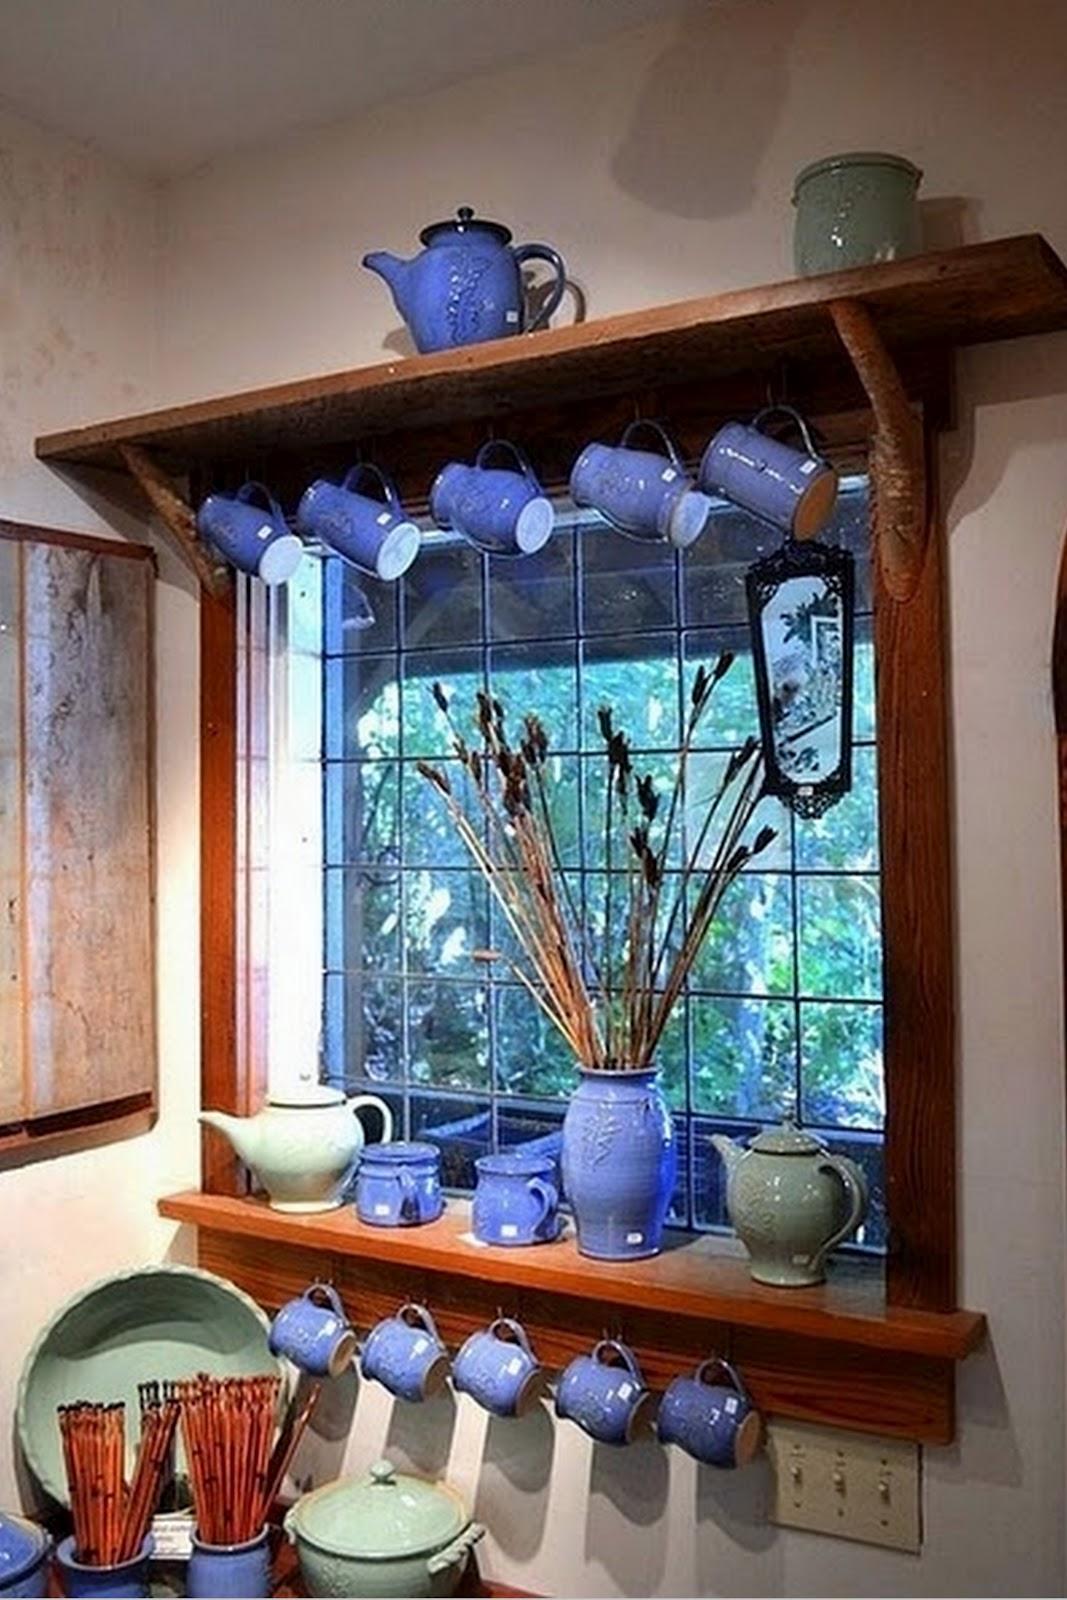 #31809A Toques e Retoques: Prateleiras na janela da cozinha #1 220 Janelas De Vidro Para Cozinha